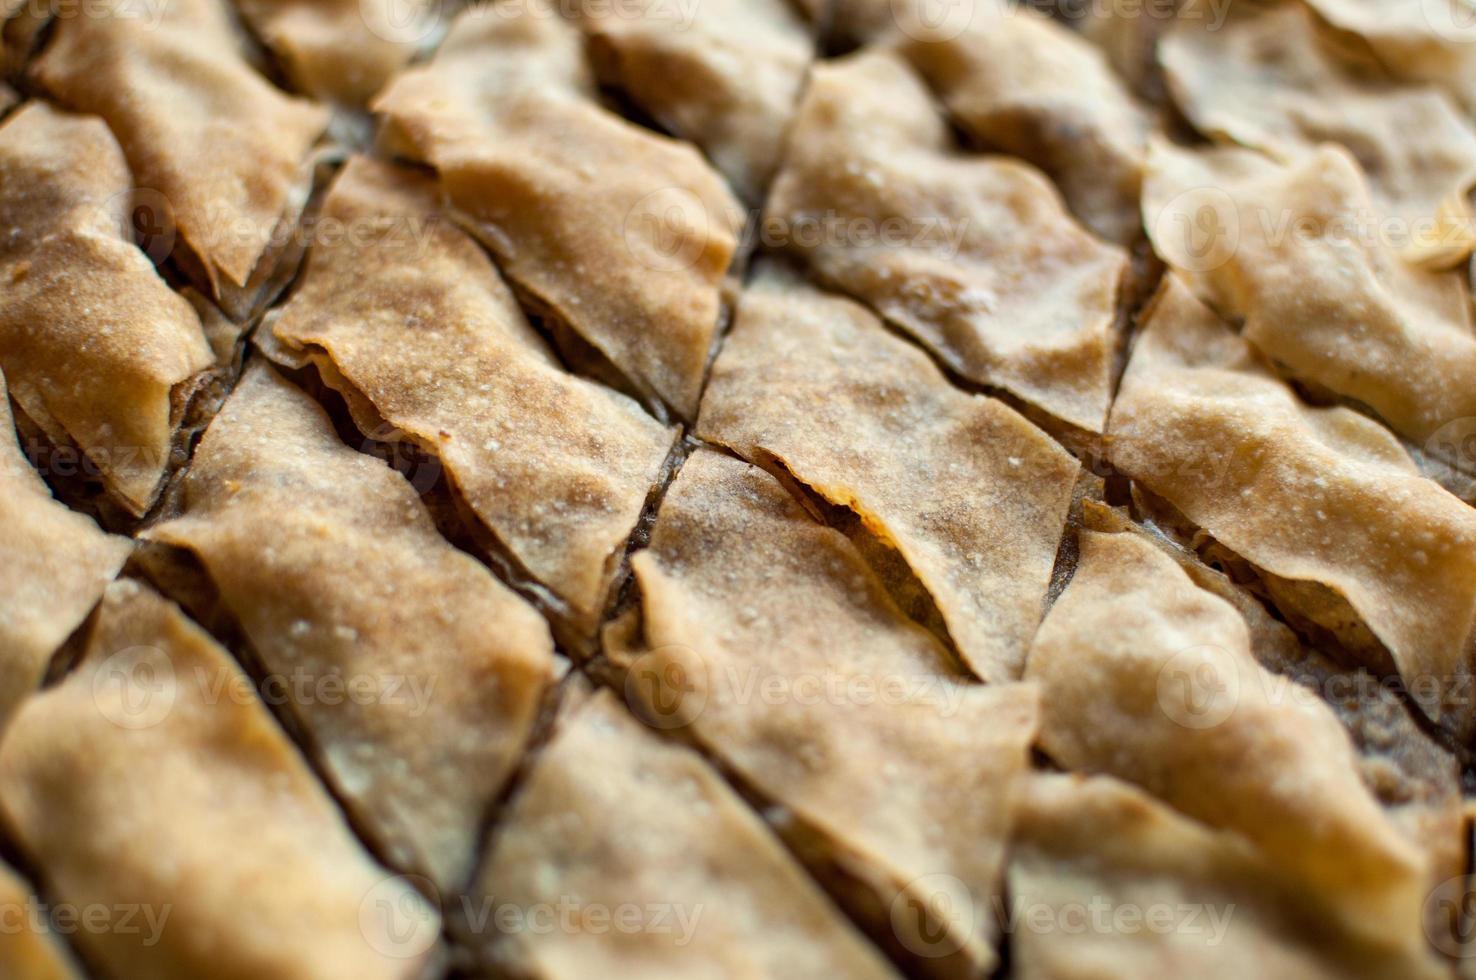 baklava, dessert turc à base de pâte fine, noix et miel. photo